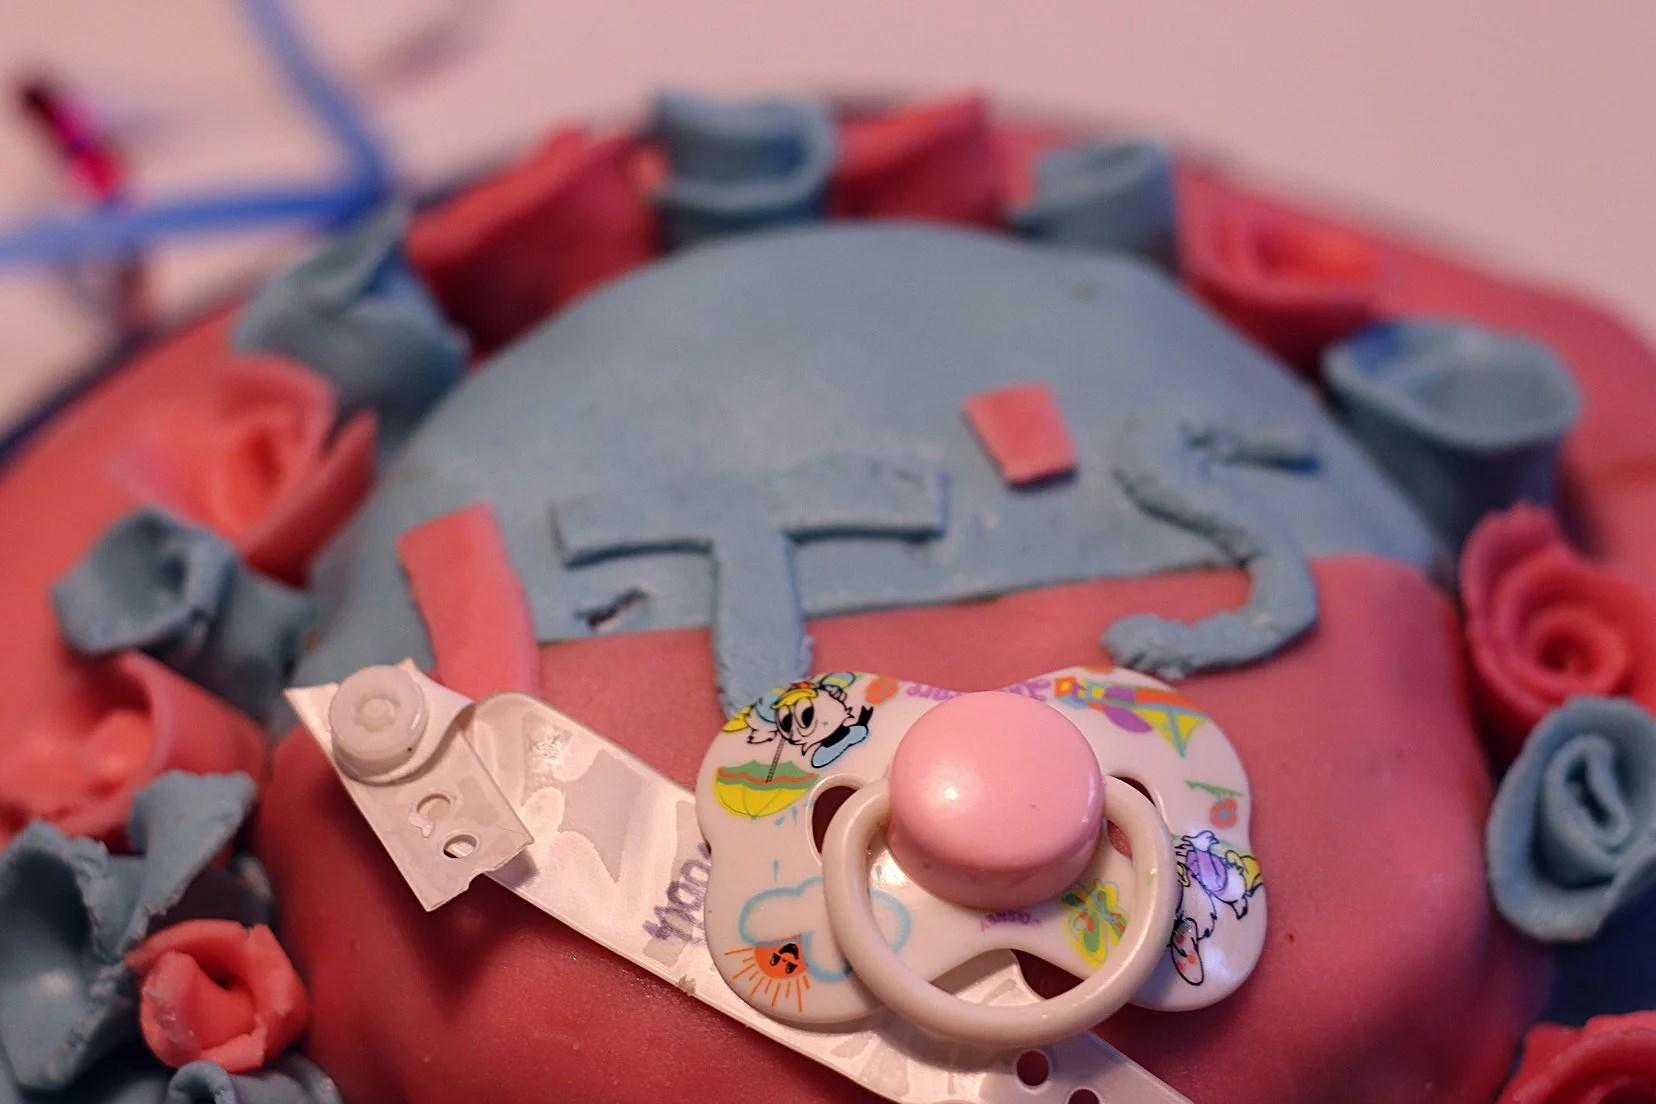 Överraskad med babyshower